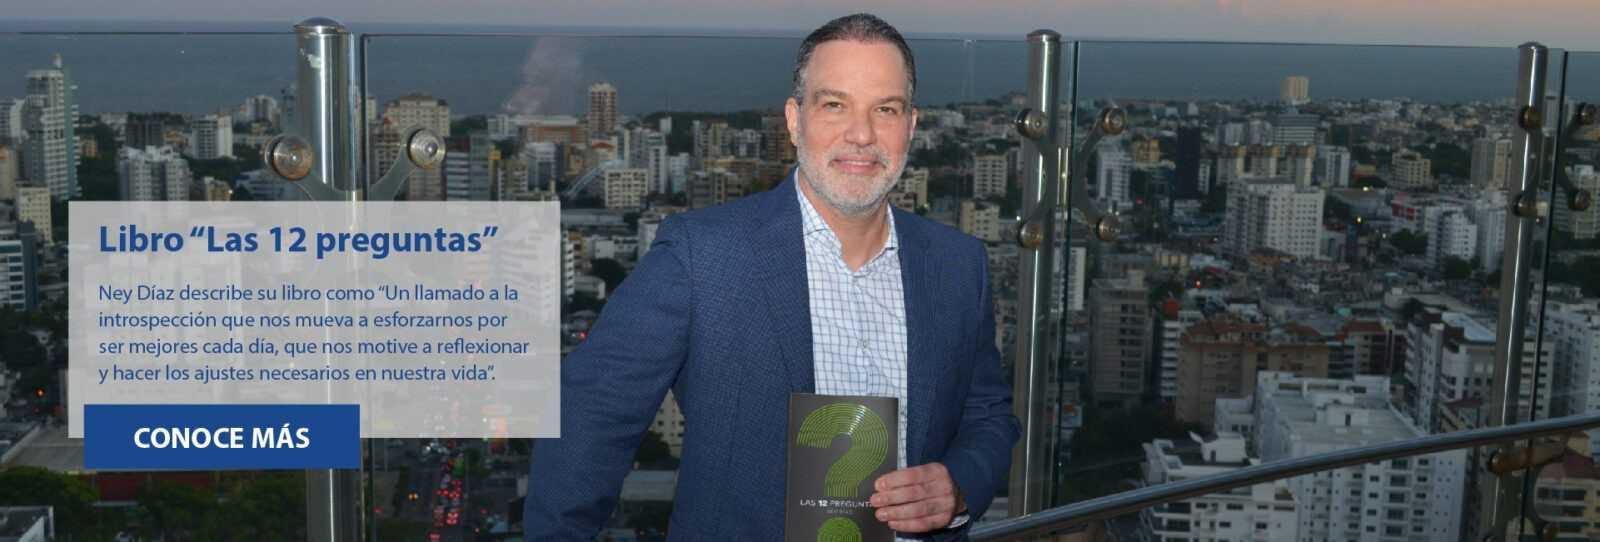 Ney Díaz autor del libro Las 12 preguntas, una lista de verificación para quienes desean superarse y ser mejores personas.